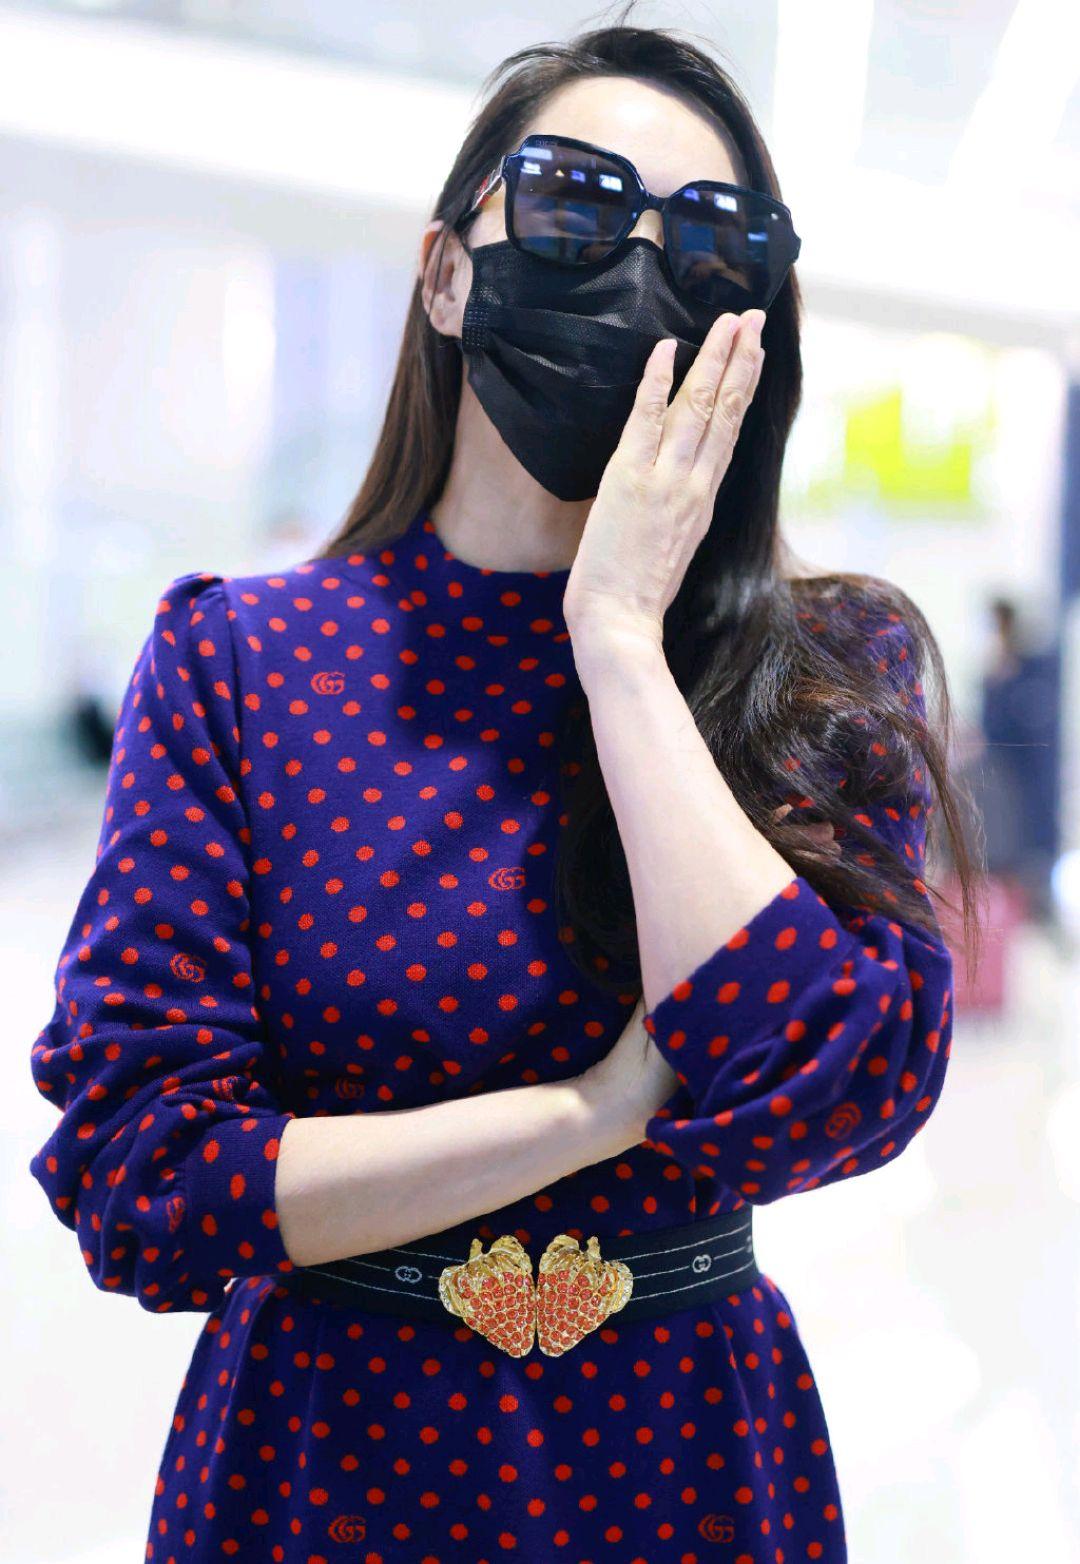 伊能静的少女感太明显,一袭波点连衣裙优雅温柔,草莓腰带超可爱